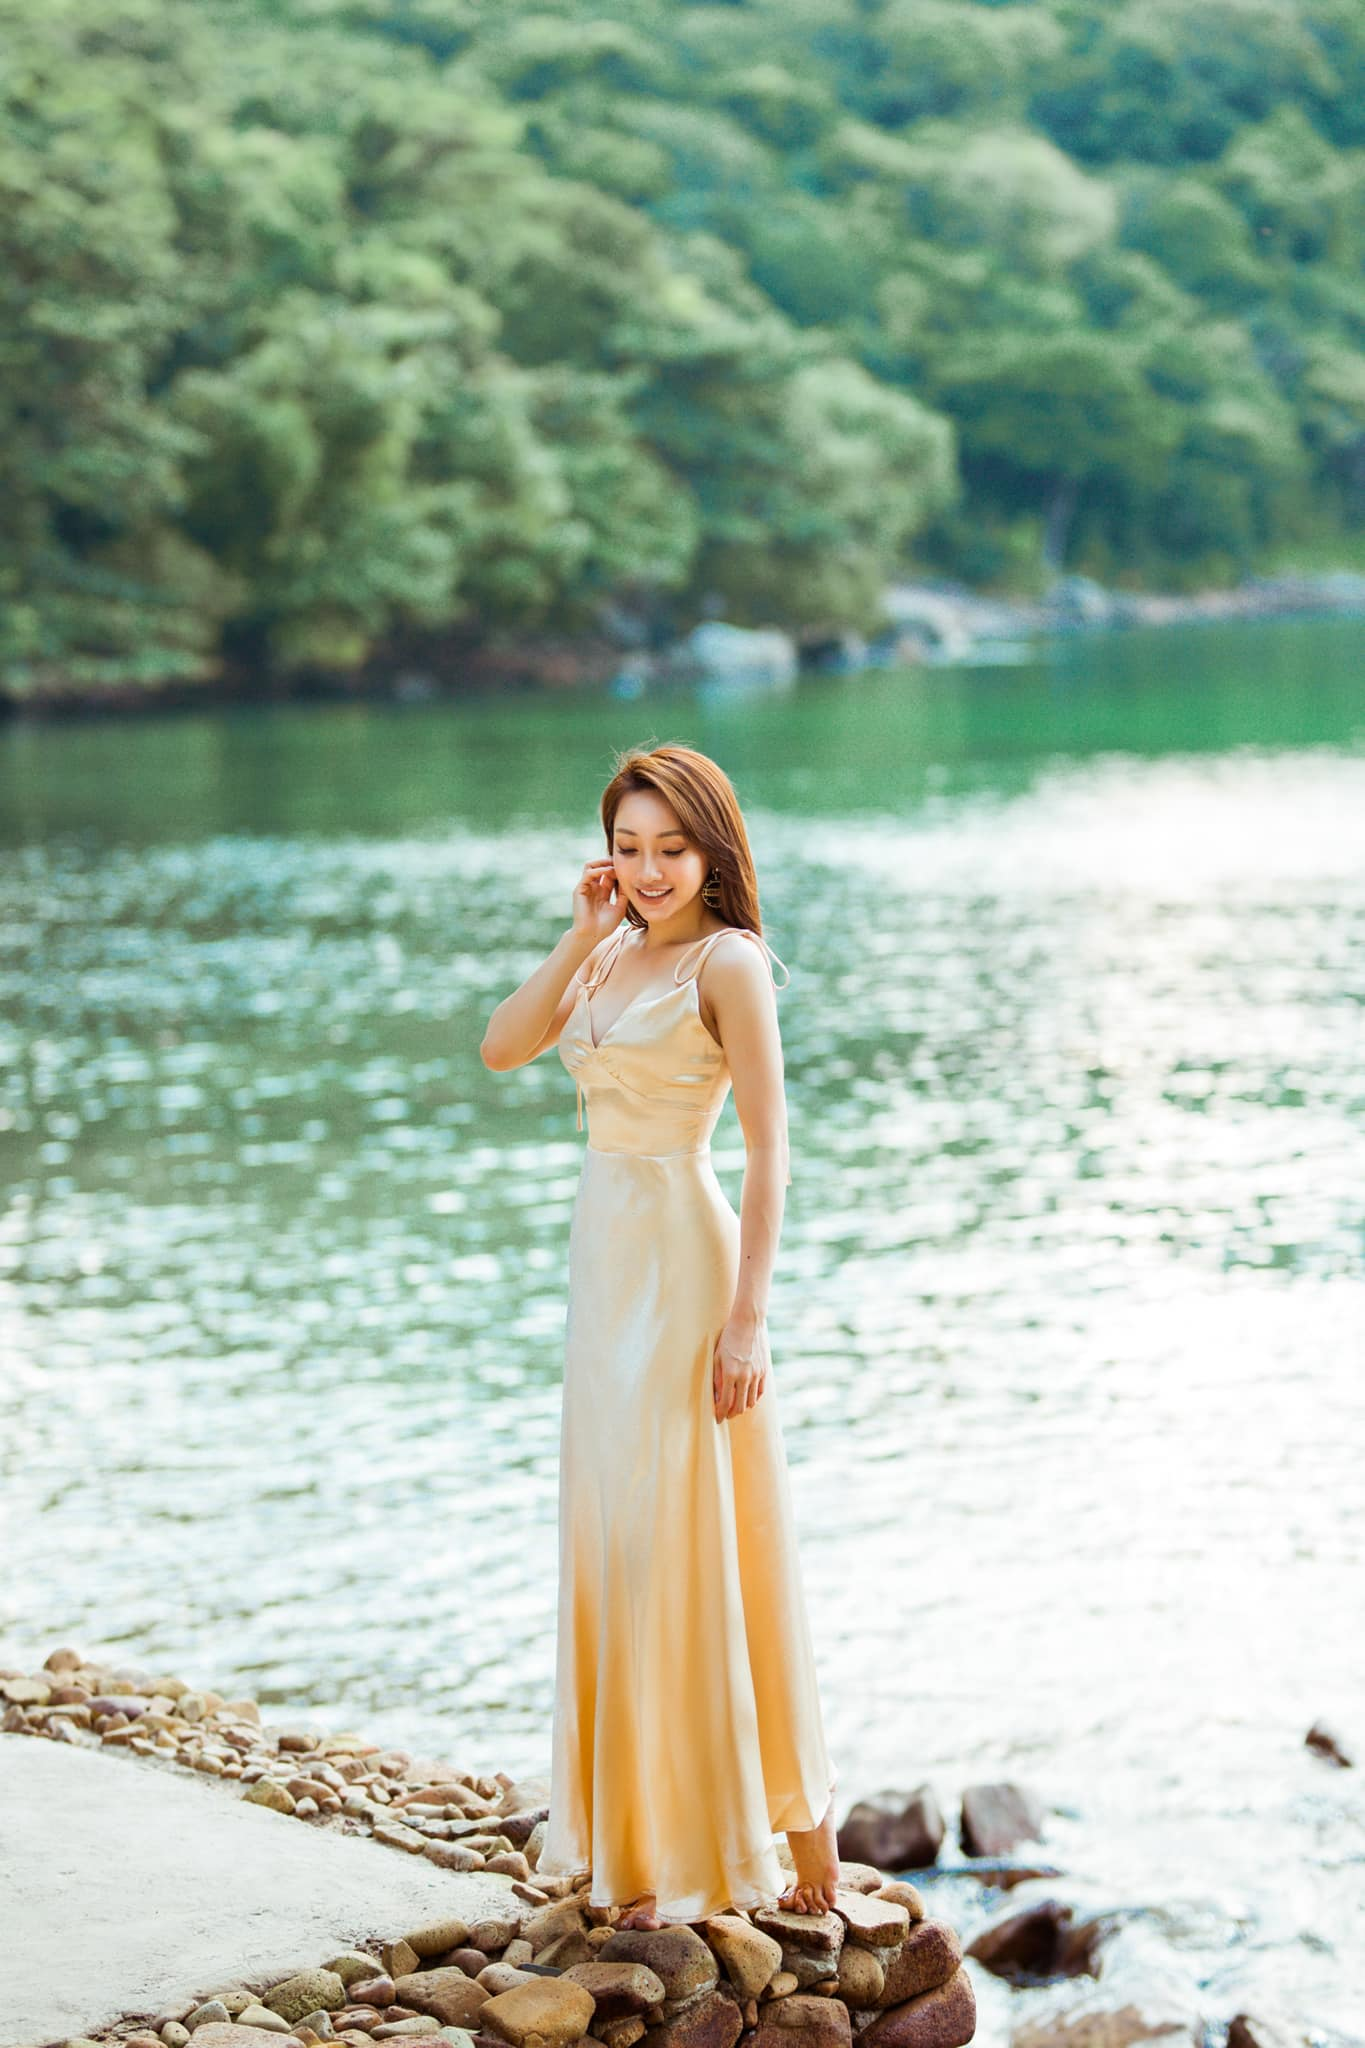 Bạn gái CEO kém 16 tuổi của Chi Bảo đẹp gợi cảm, tâm đầu ý hợp - hình ảnh 7